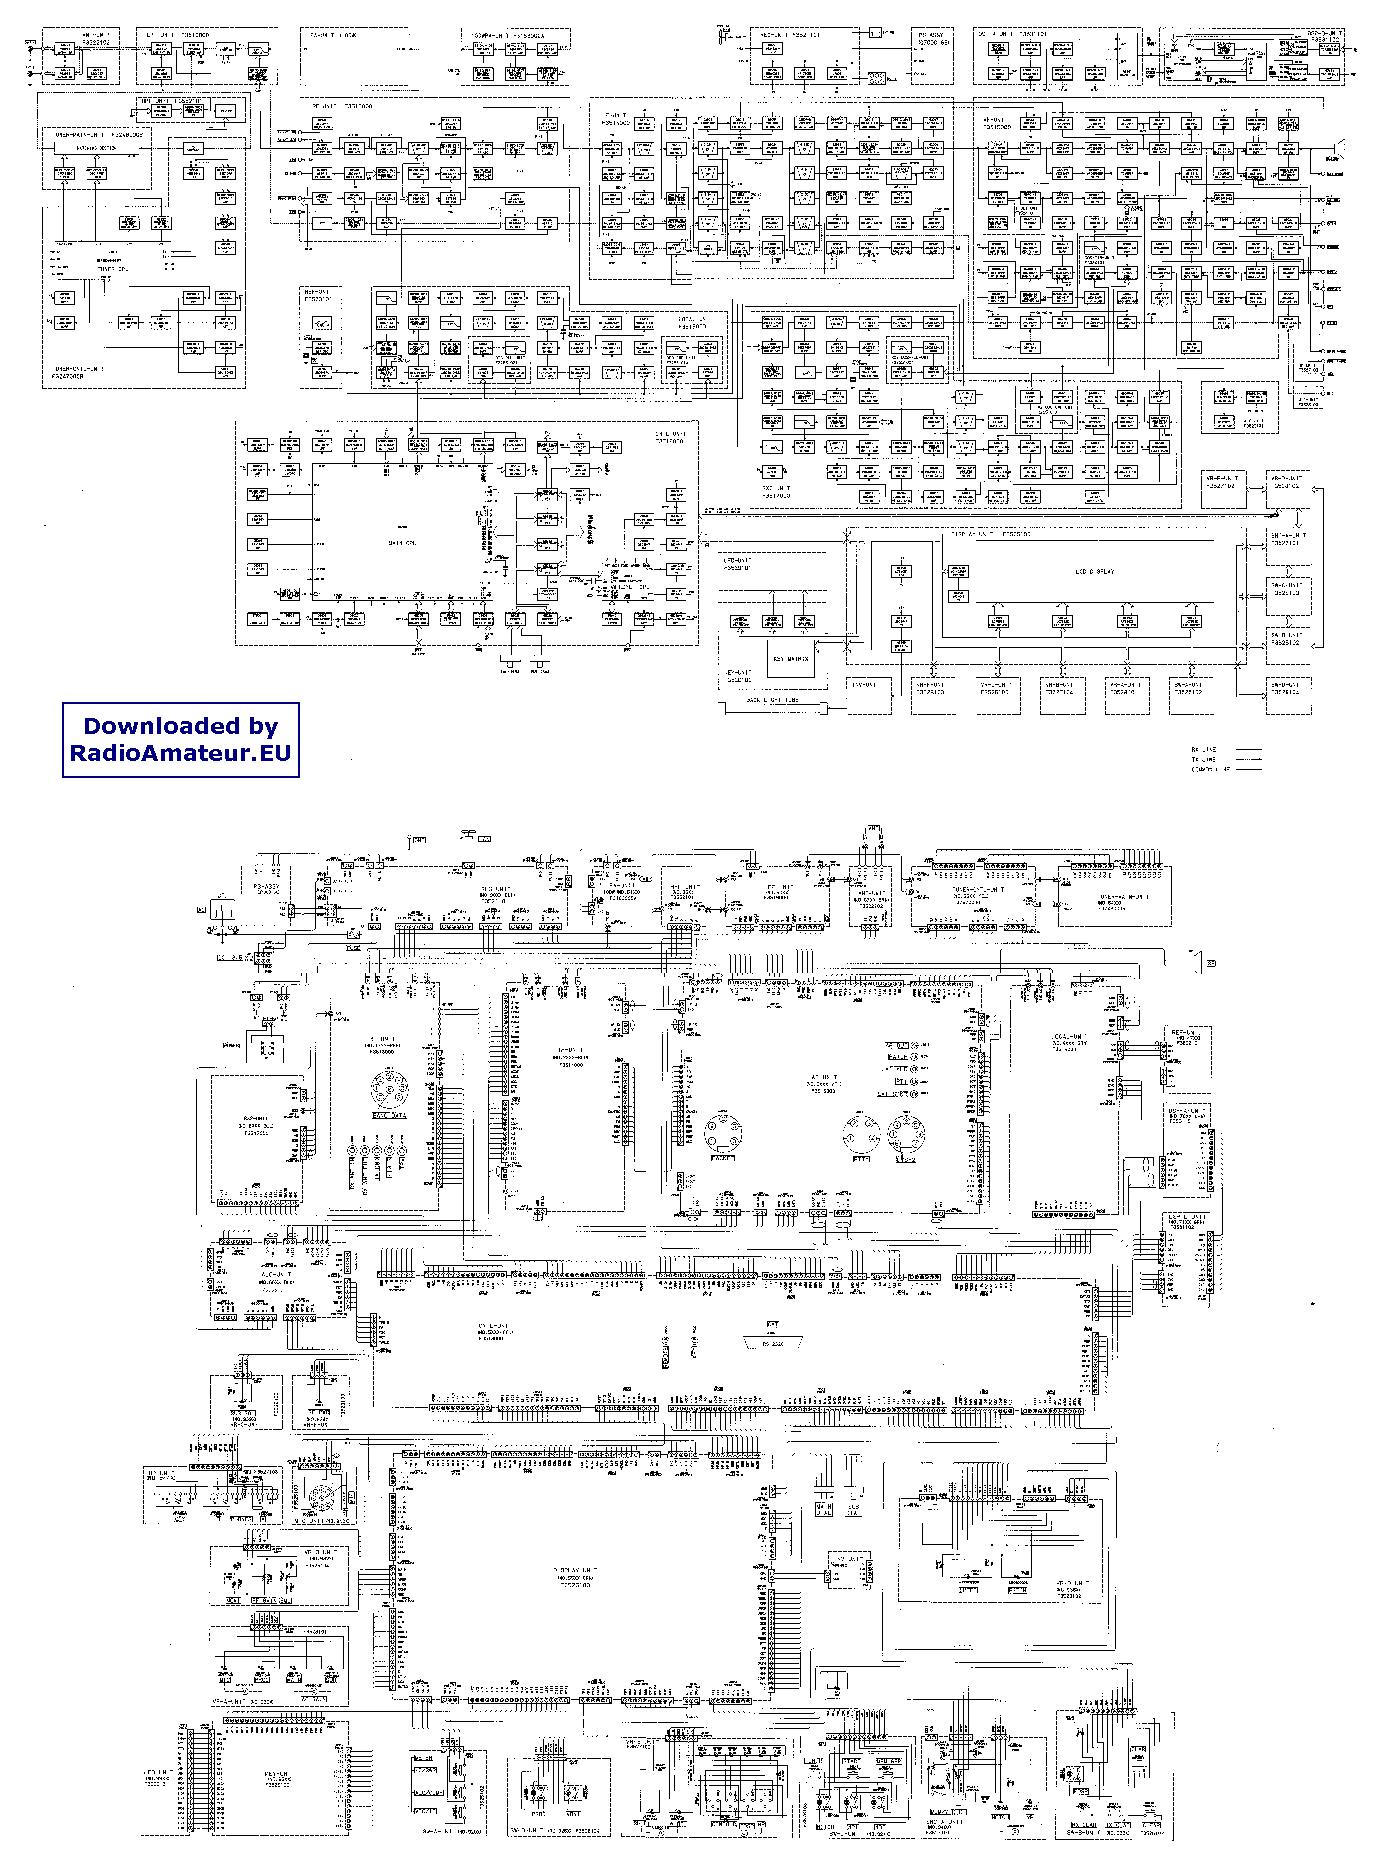 YAESU FT1000 service manual (1st page)